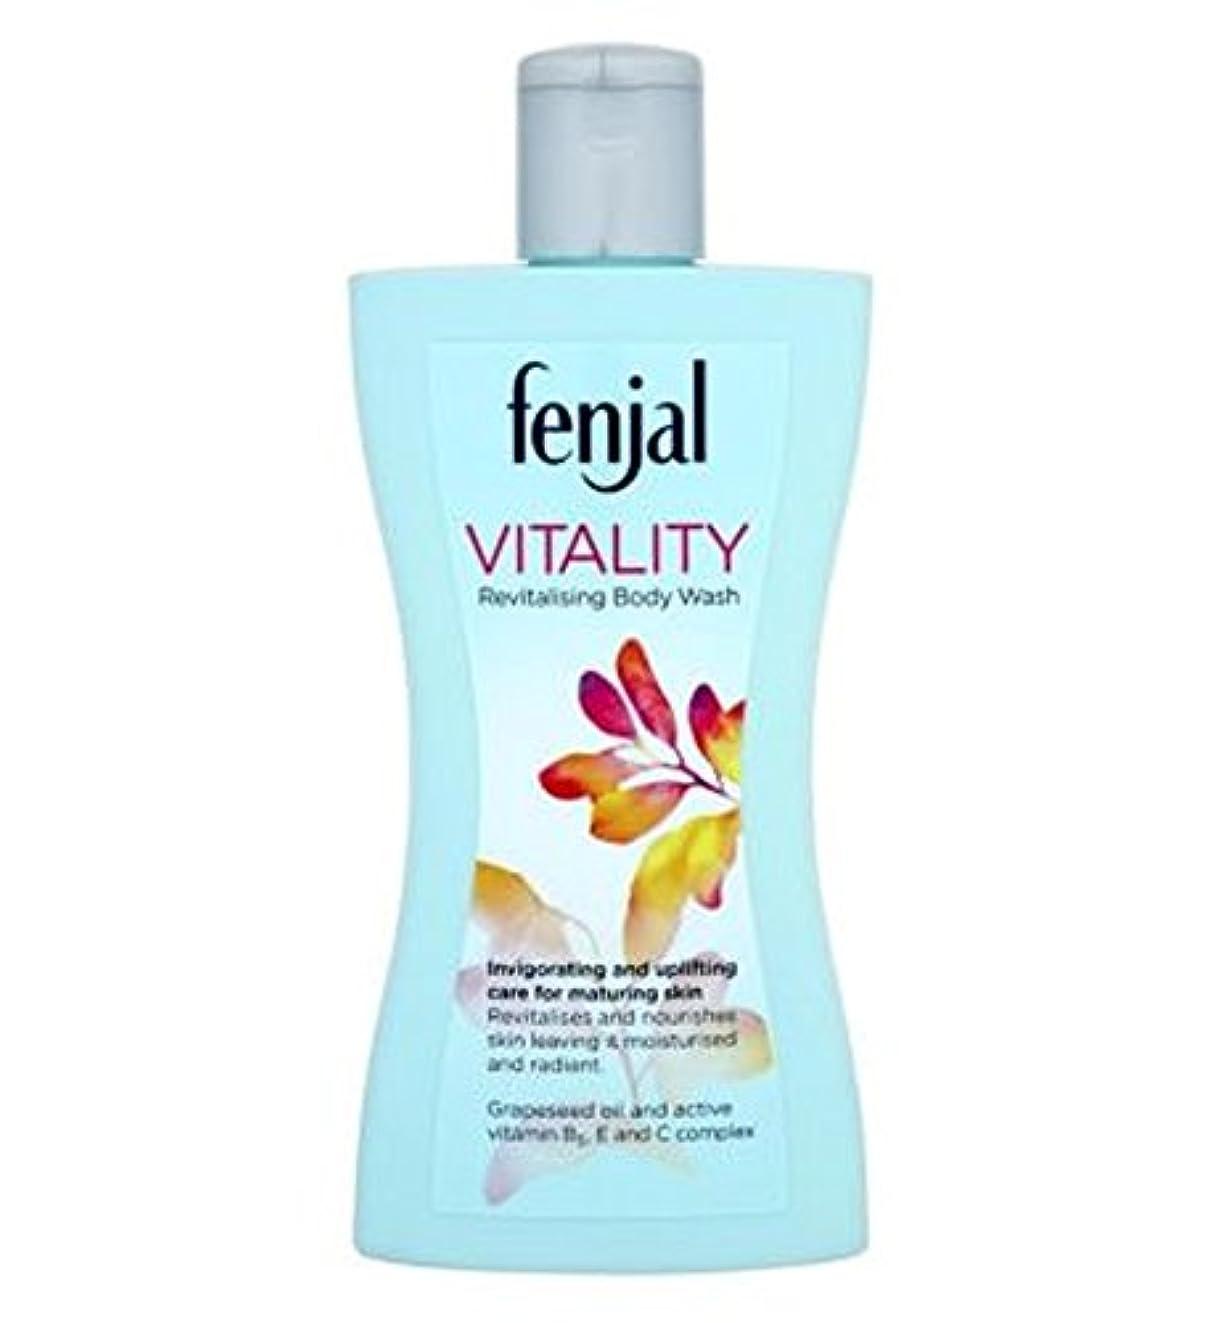 対象口述ガードFenjal Vitality revitalising Body Wash - Fenjal活力活性化ボディウォッシュ (Fenjal) [並行輸入品]